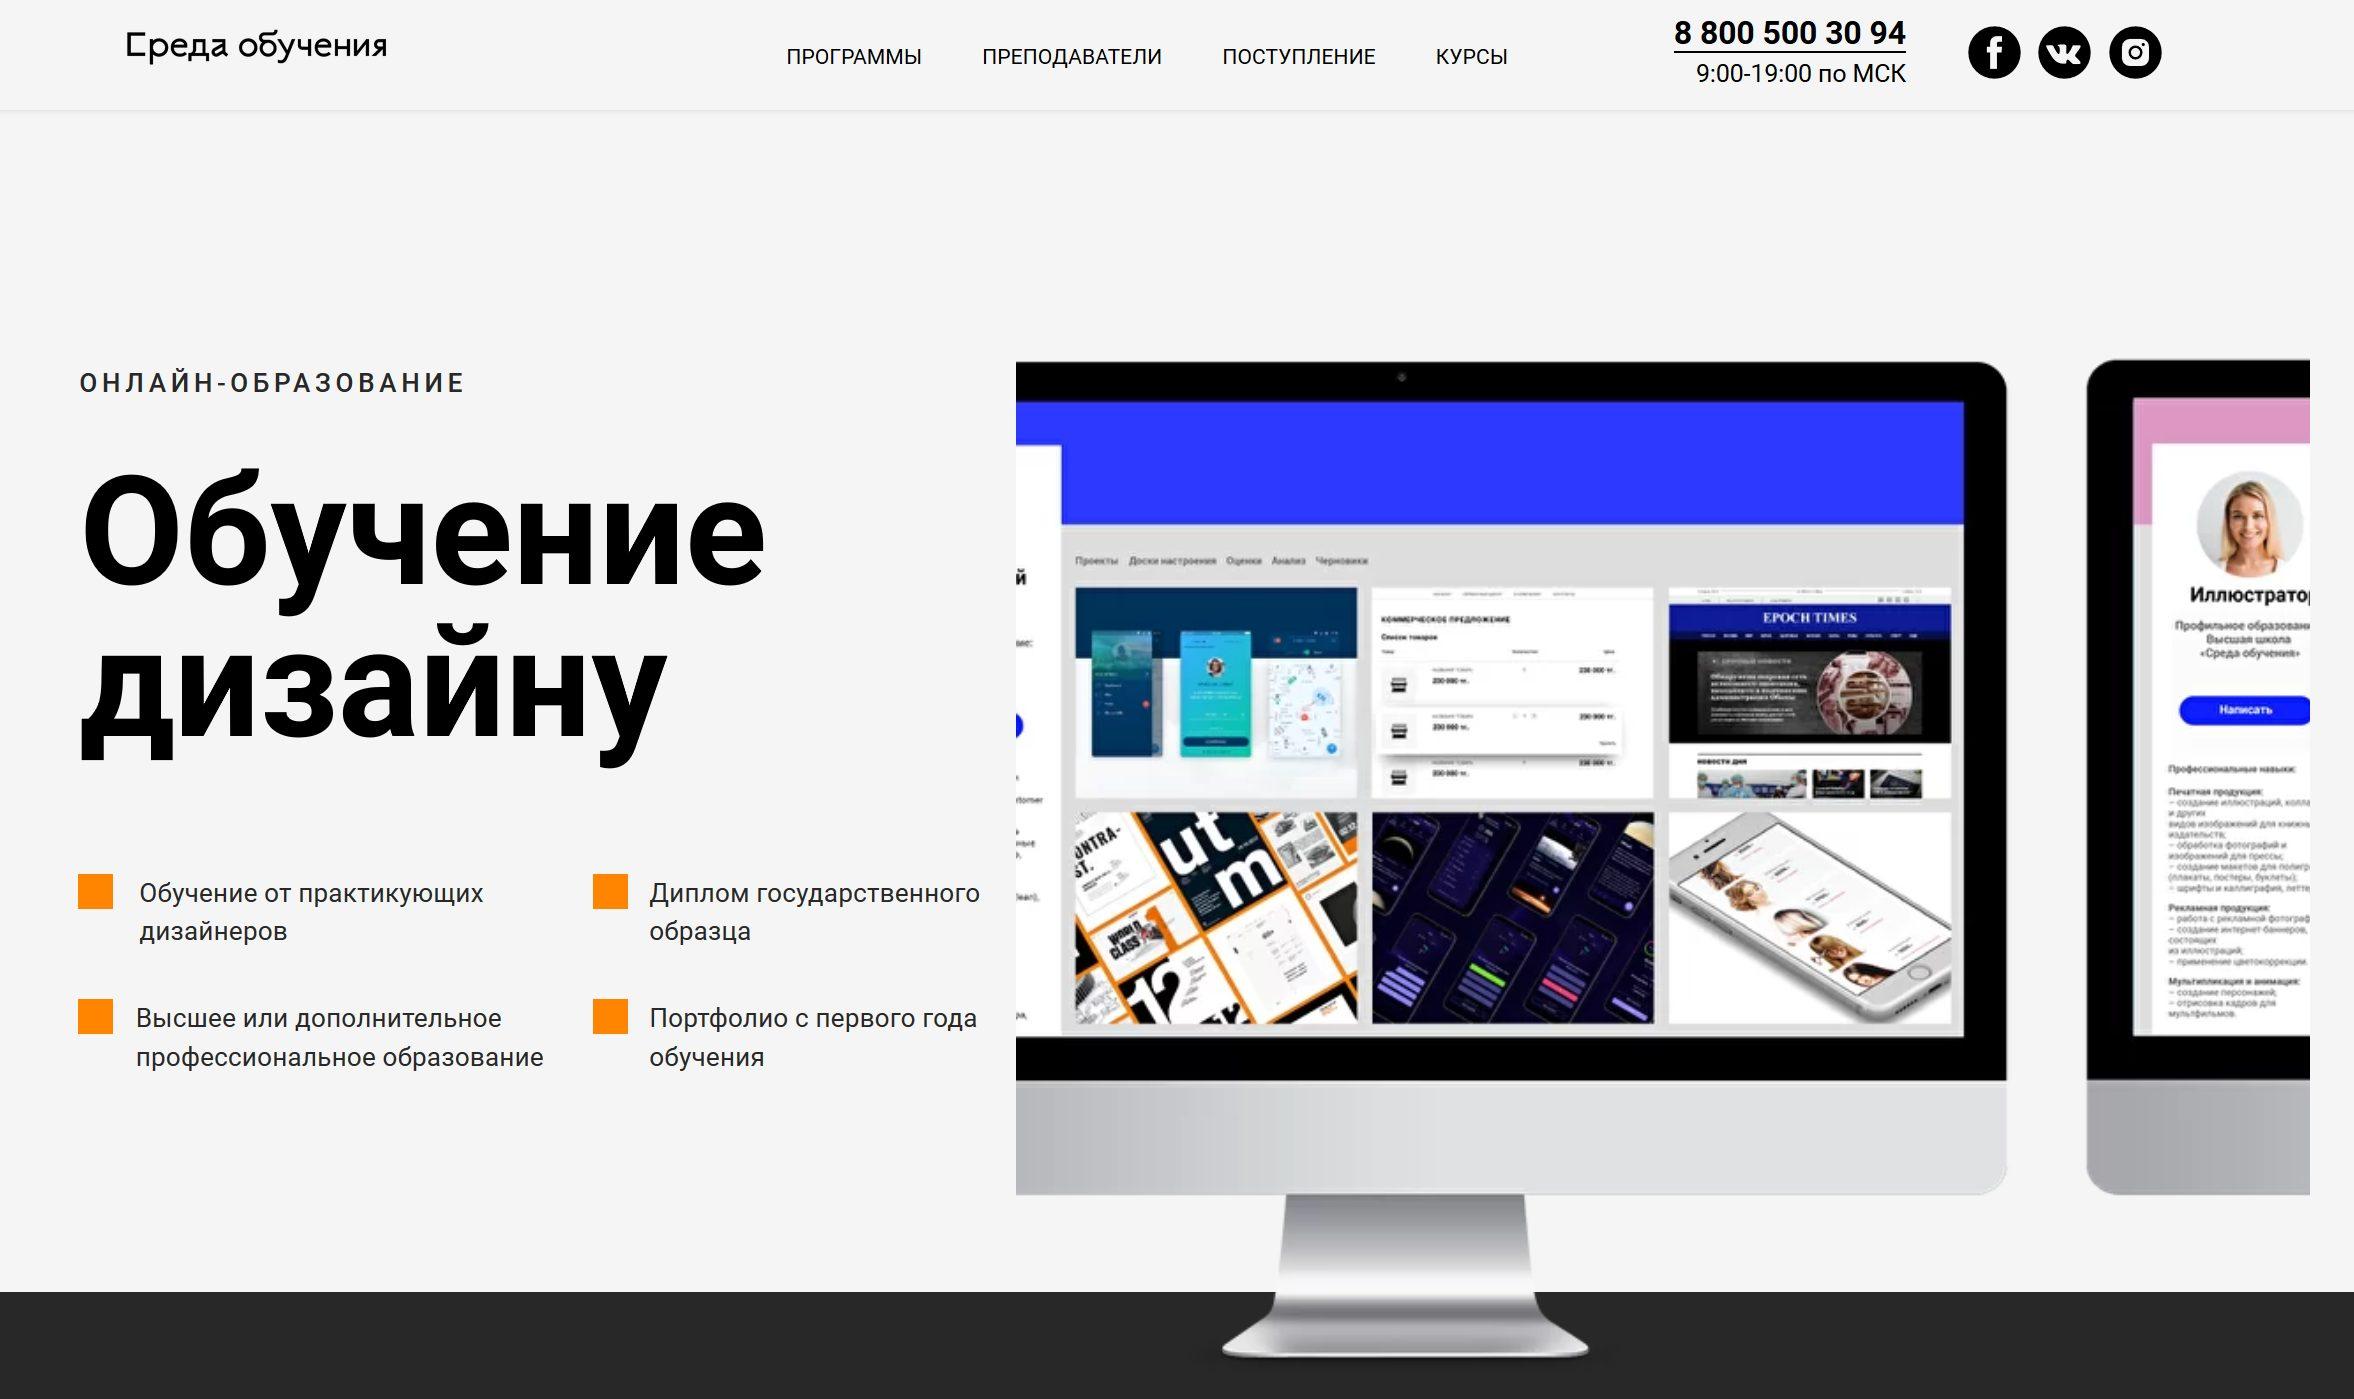 Обучение графическому дизайну онлайн, дистанционное высшее образование «Графический дизайн» с нуля – «Среда Обучения»